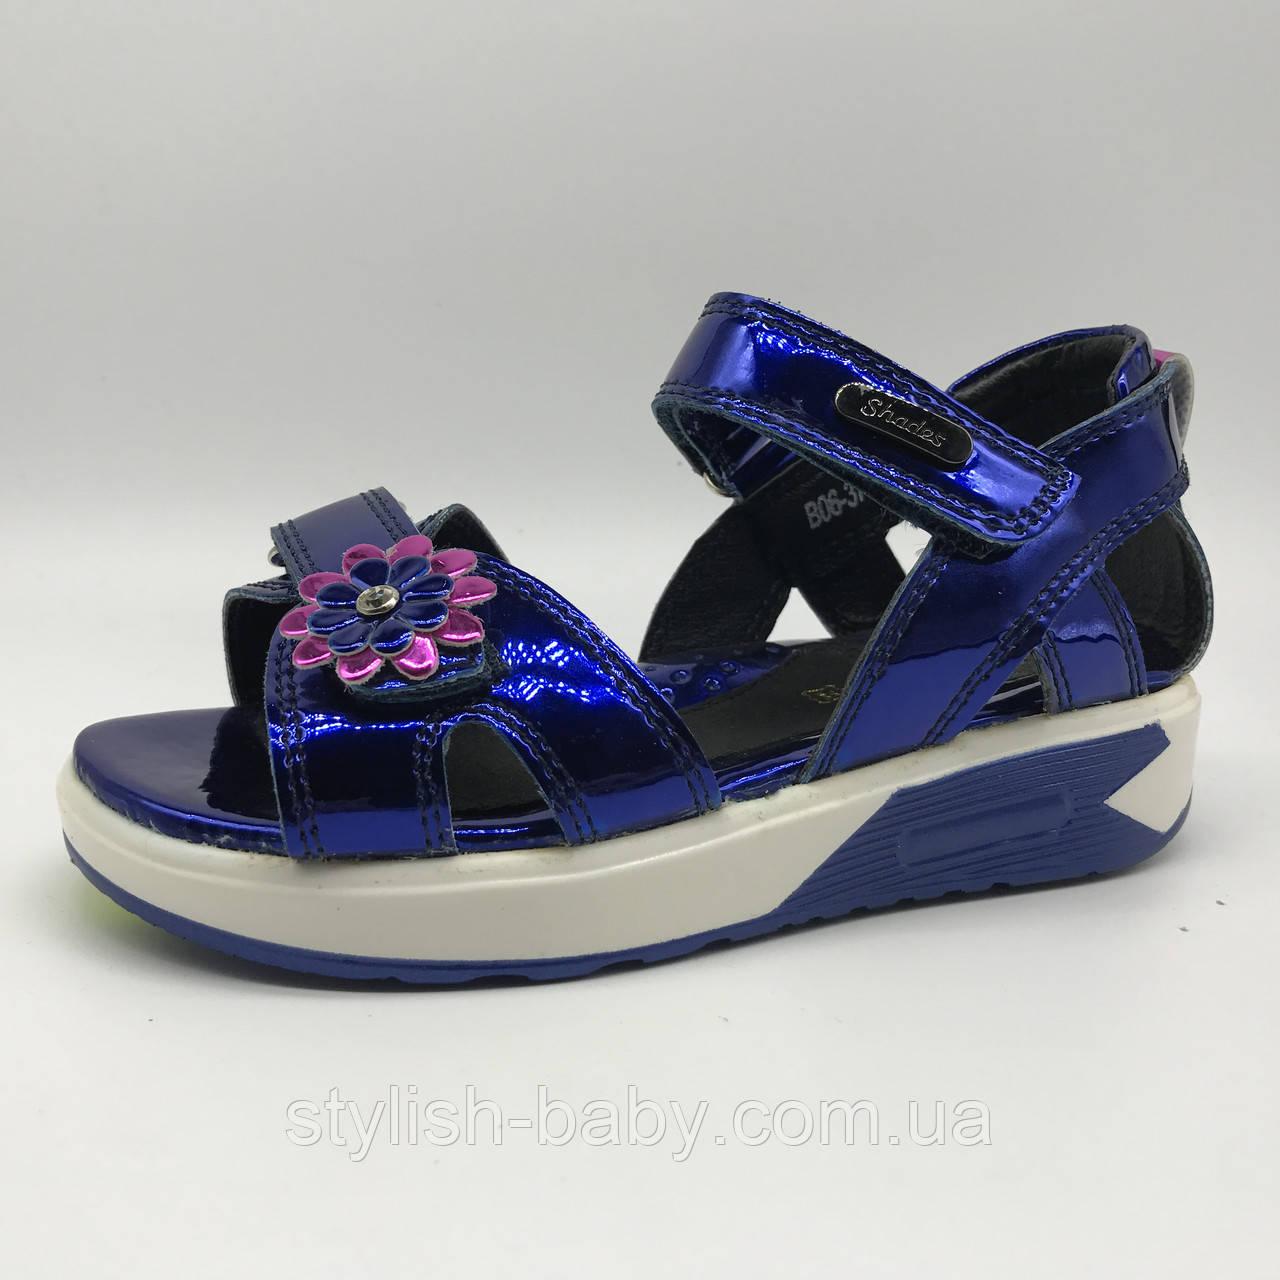 Детские босоножки 2018. Детская летняя обувь бренда Tom.m для девочек (рр. с 27 по 32)